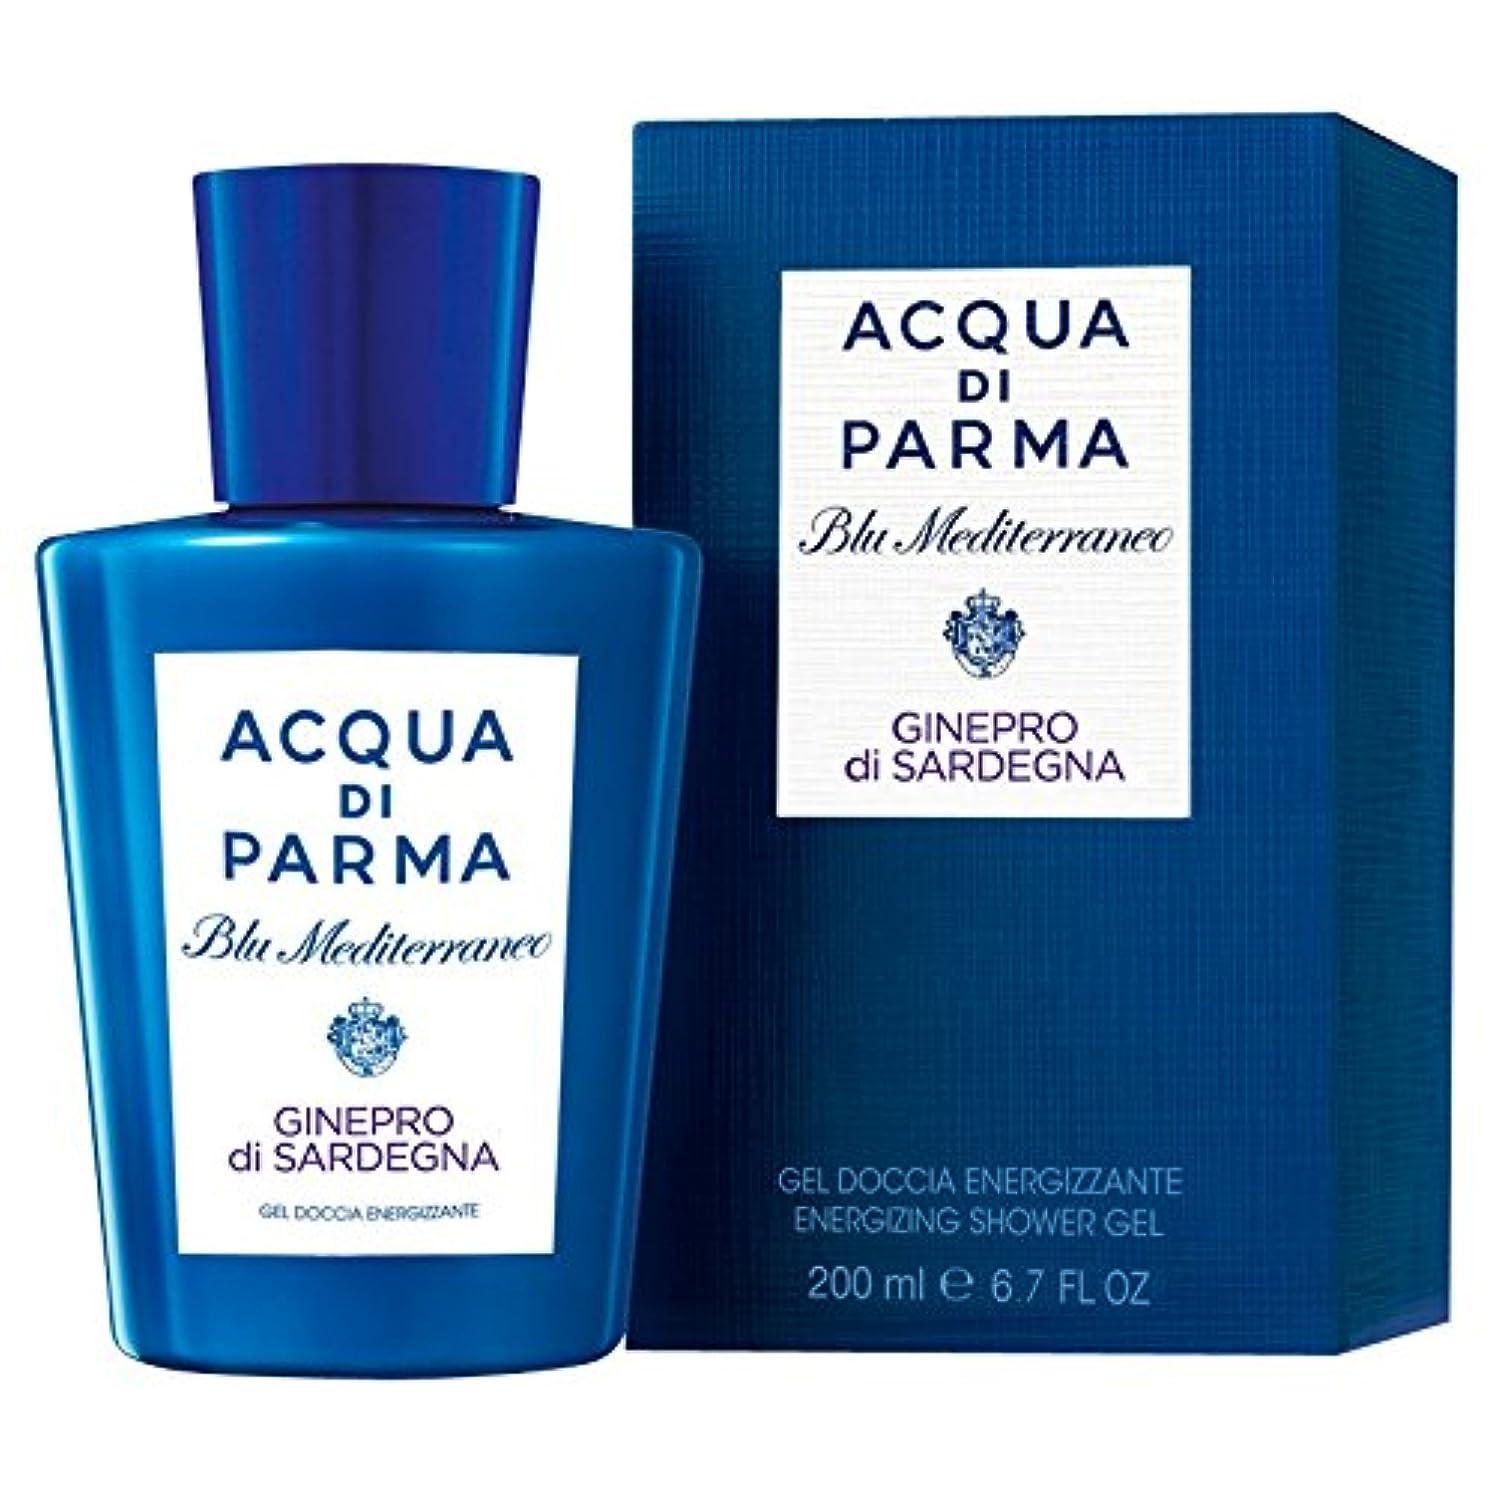 サーキュレーション恥ずかしい気づくアクア・ディ・パルマブルーメディGineproのディサルデーニャシャワージェル200ミリリットル (Acqua di Parma) - Acqua di Parma Blu Mediterraneo Ginepro Di...